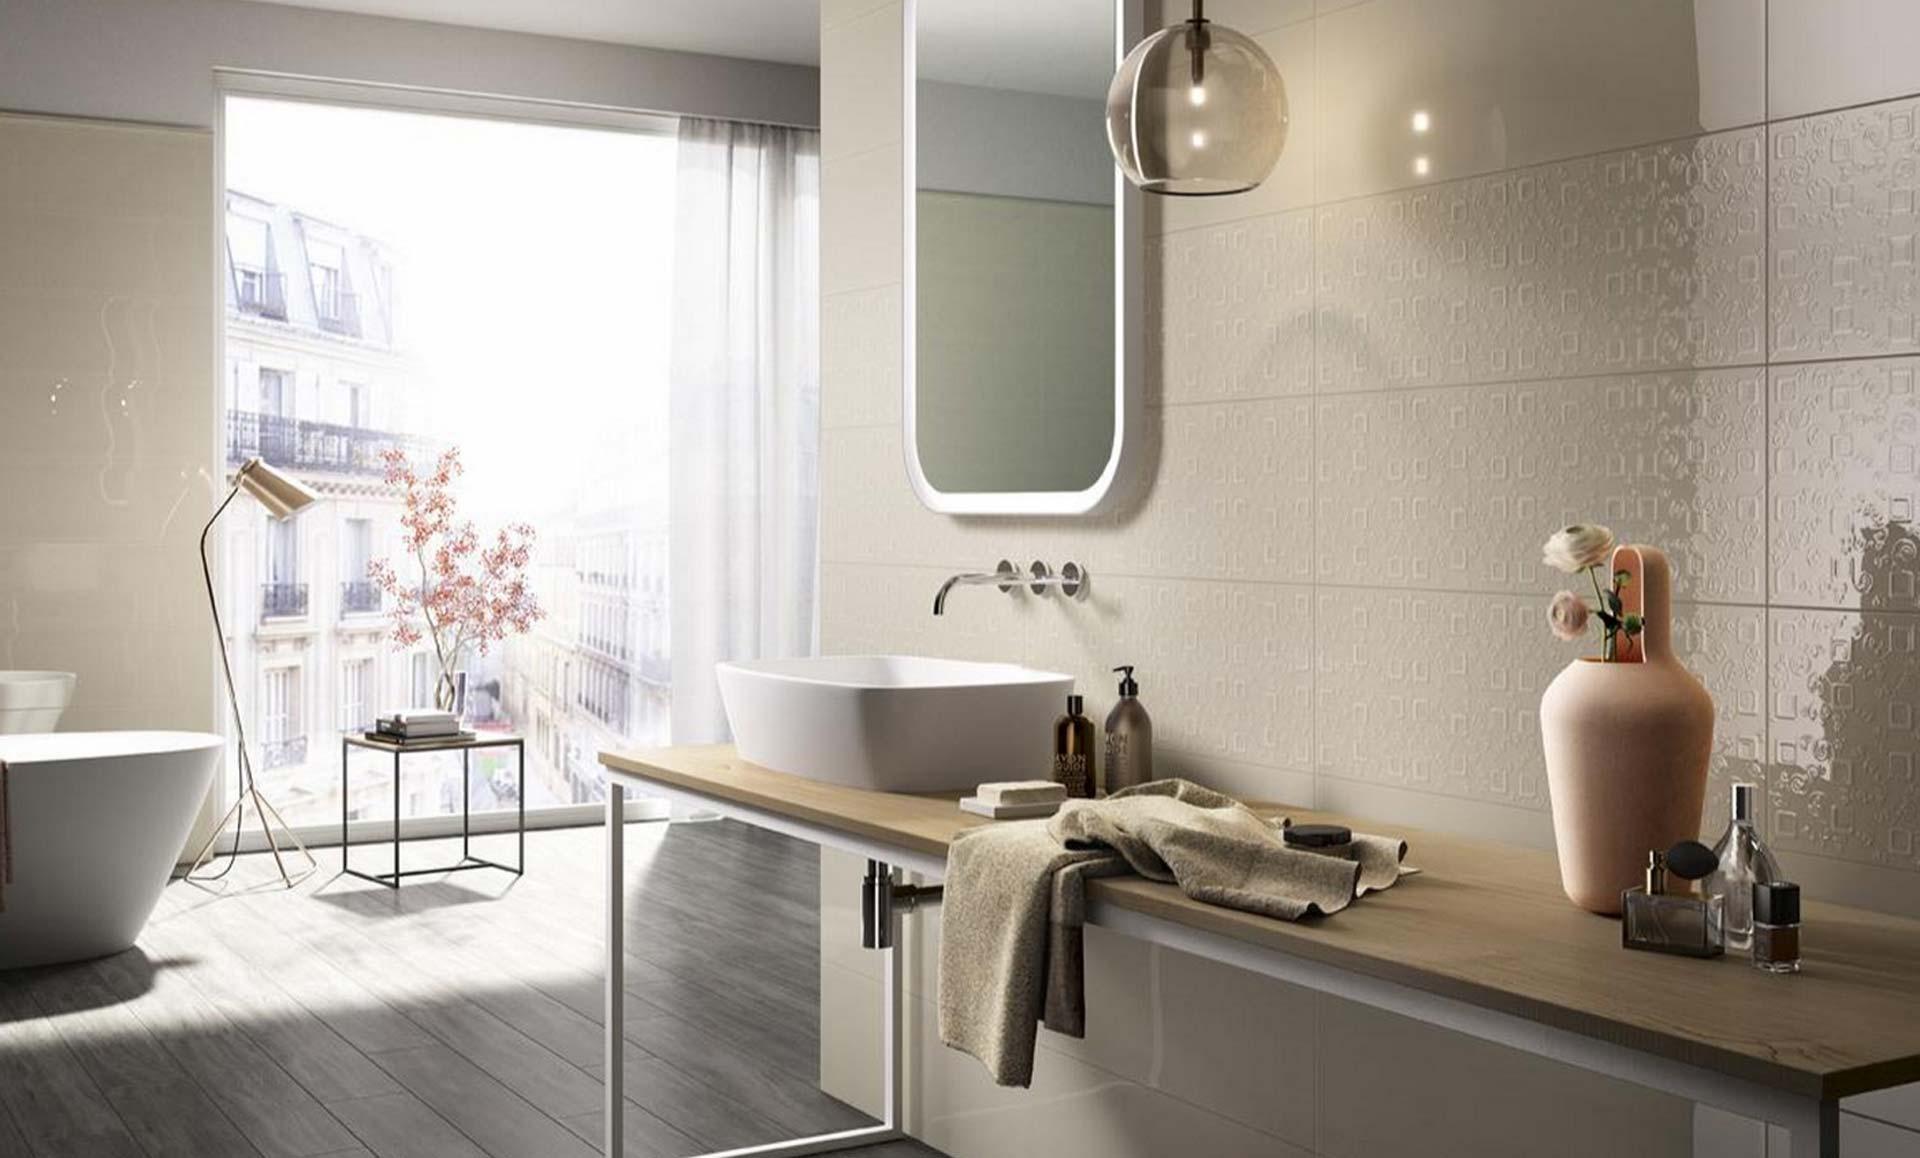 Lavabo grande per lavanderia - Arredo bagno imola ...